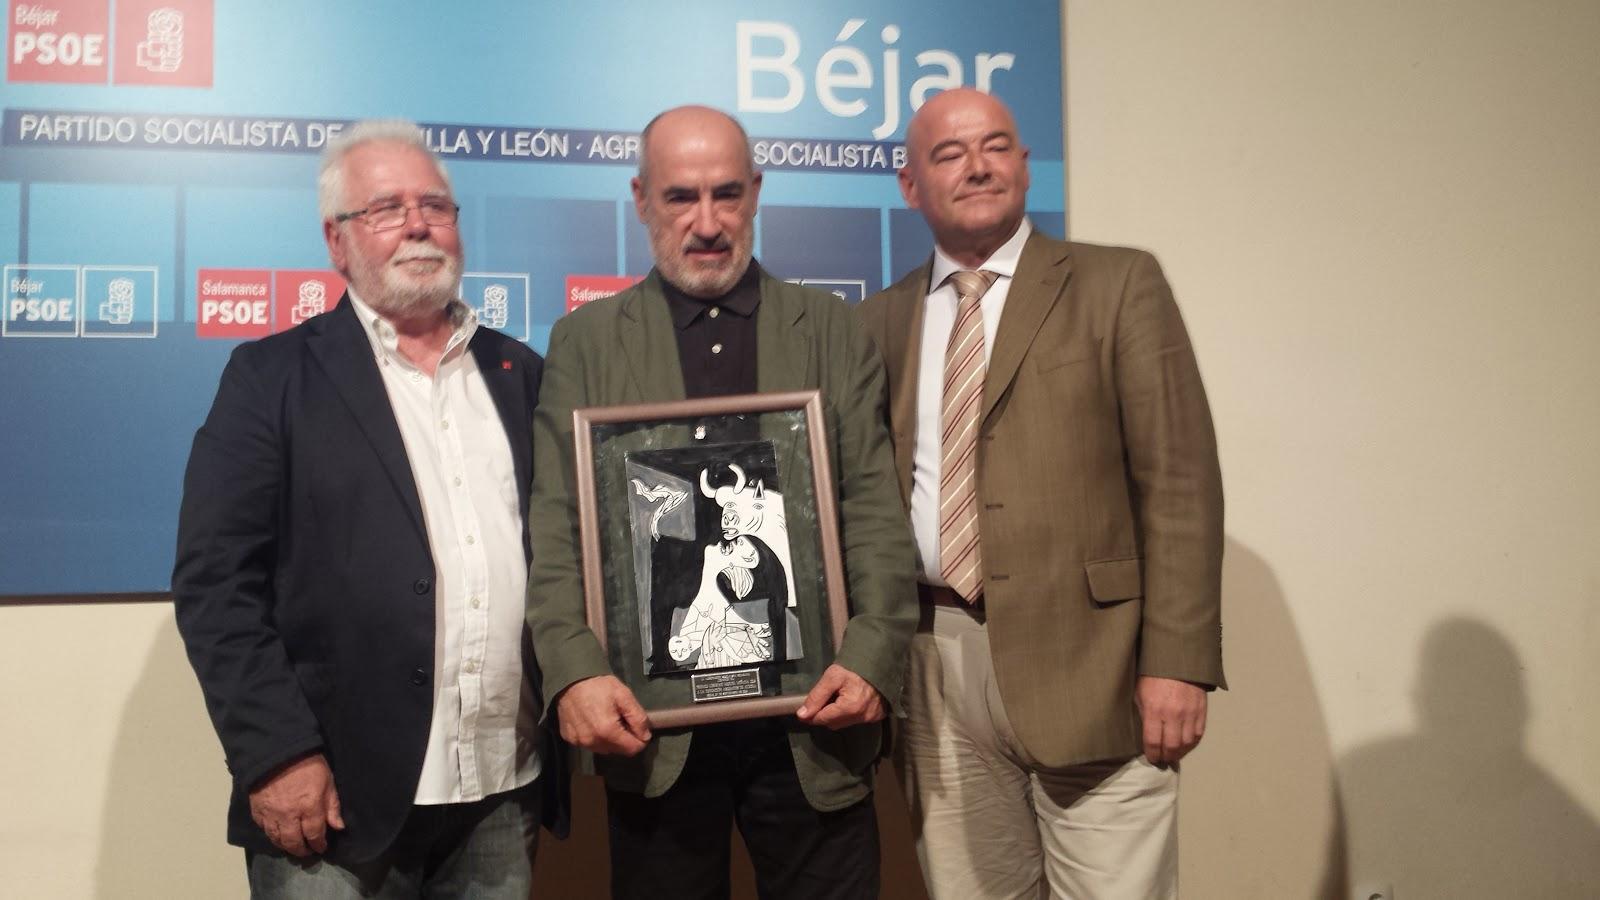 Francisco Naranjo, Alejandro Ruiz-Huerta y Javier Garrido durante la entrega del galardon